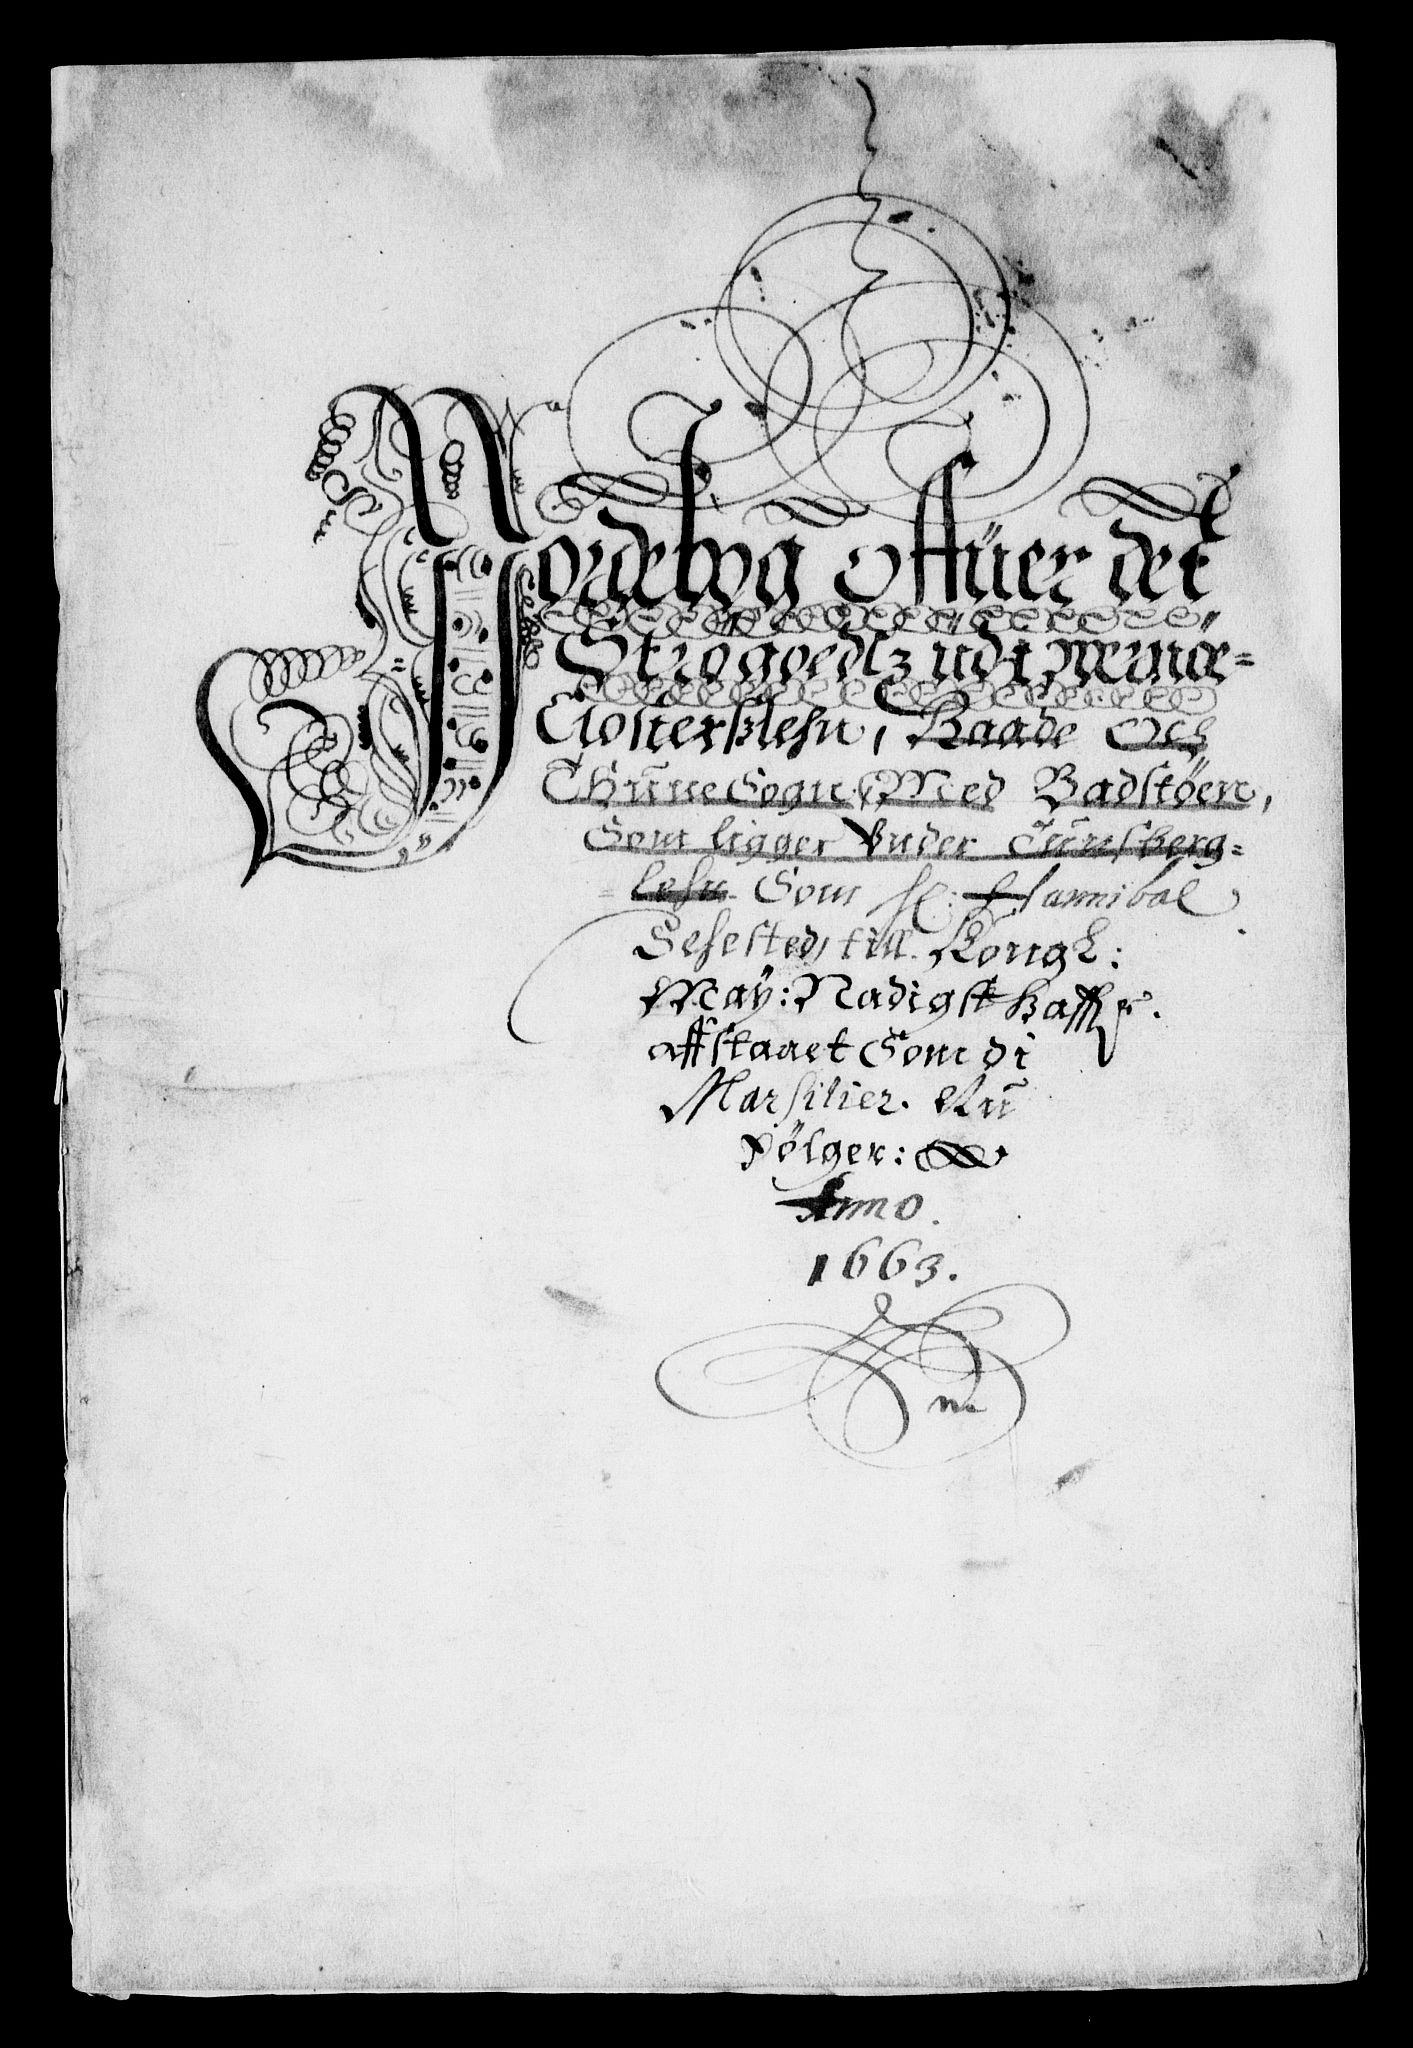 RA, Rentekammeret inntil 1814, Realistisk ordnet avdeling, On/L0007: [Jj 8]: Jordebøker og dokumenter innlevert til kongelig kommisjon 1672: Verne klosters gods, 1658-1672, s. 97